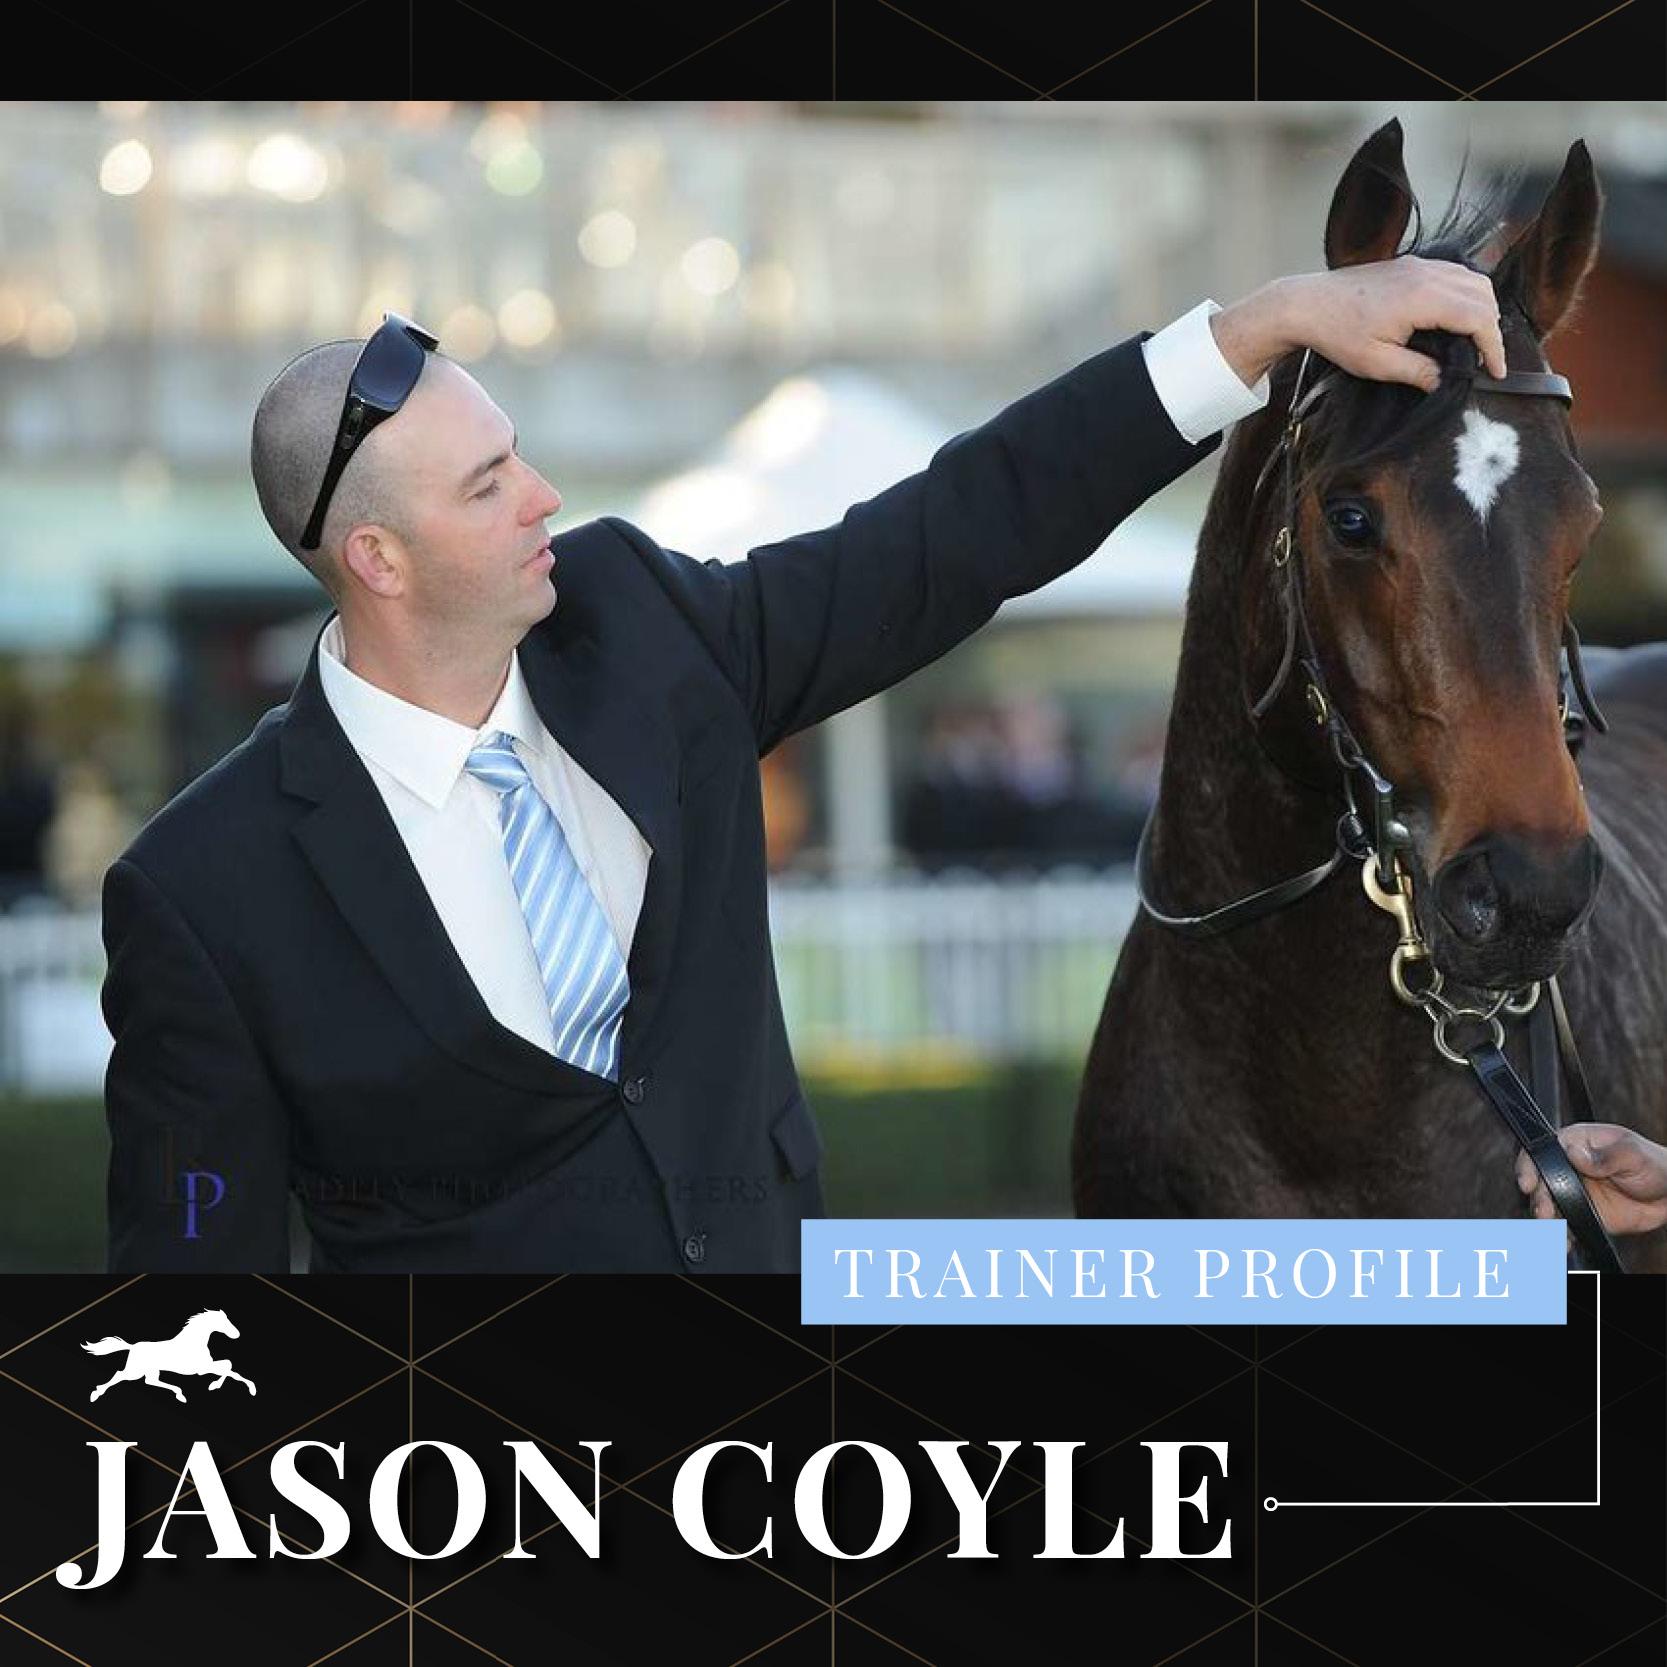 Trainer Profile – Jason Coyle